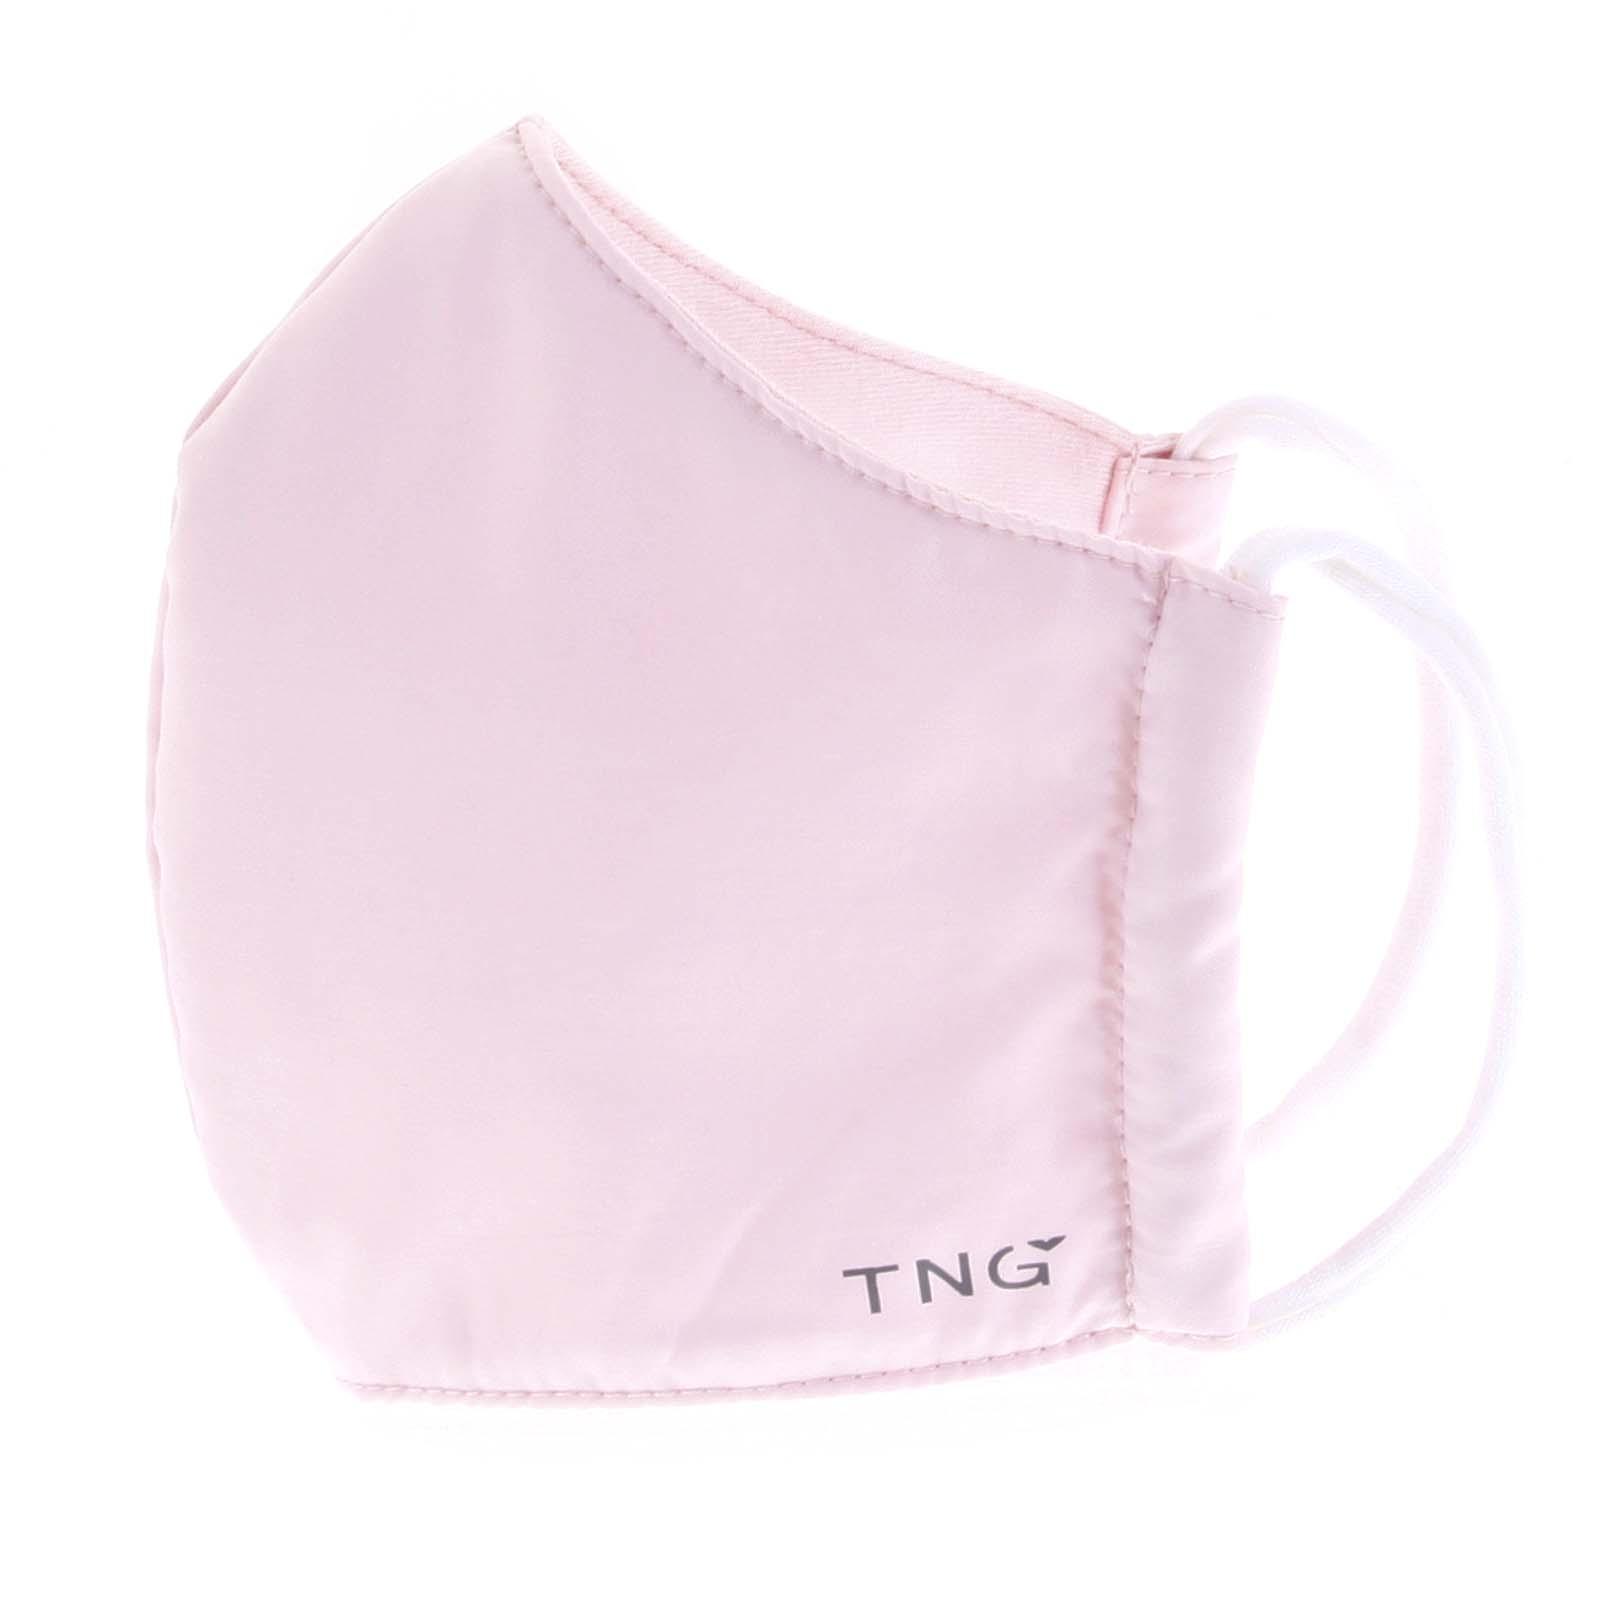 Stylová antibakteriální rouška třívrstvá světle růžová - TNG M